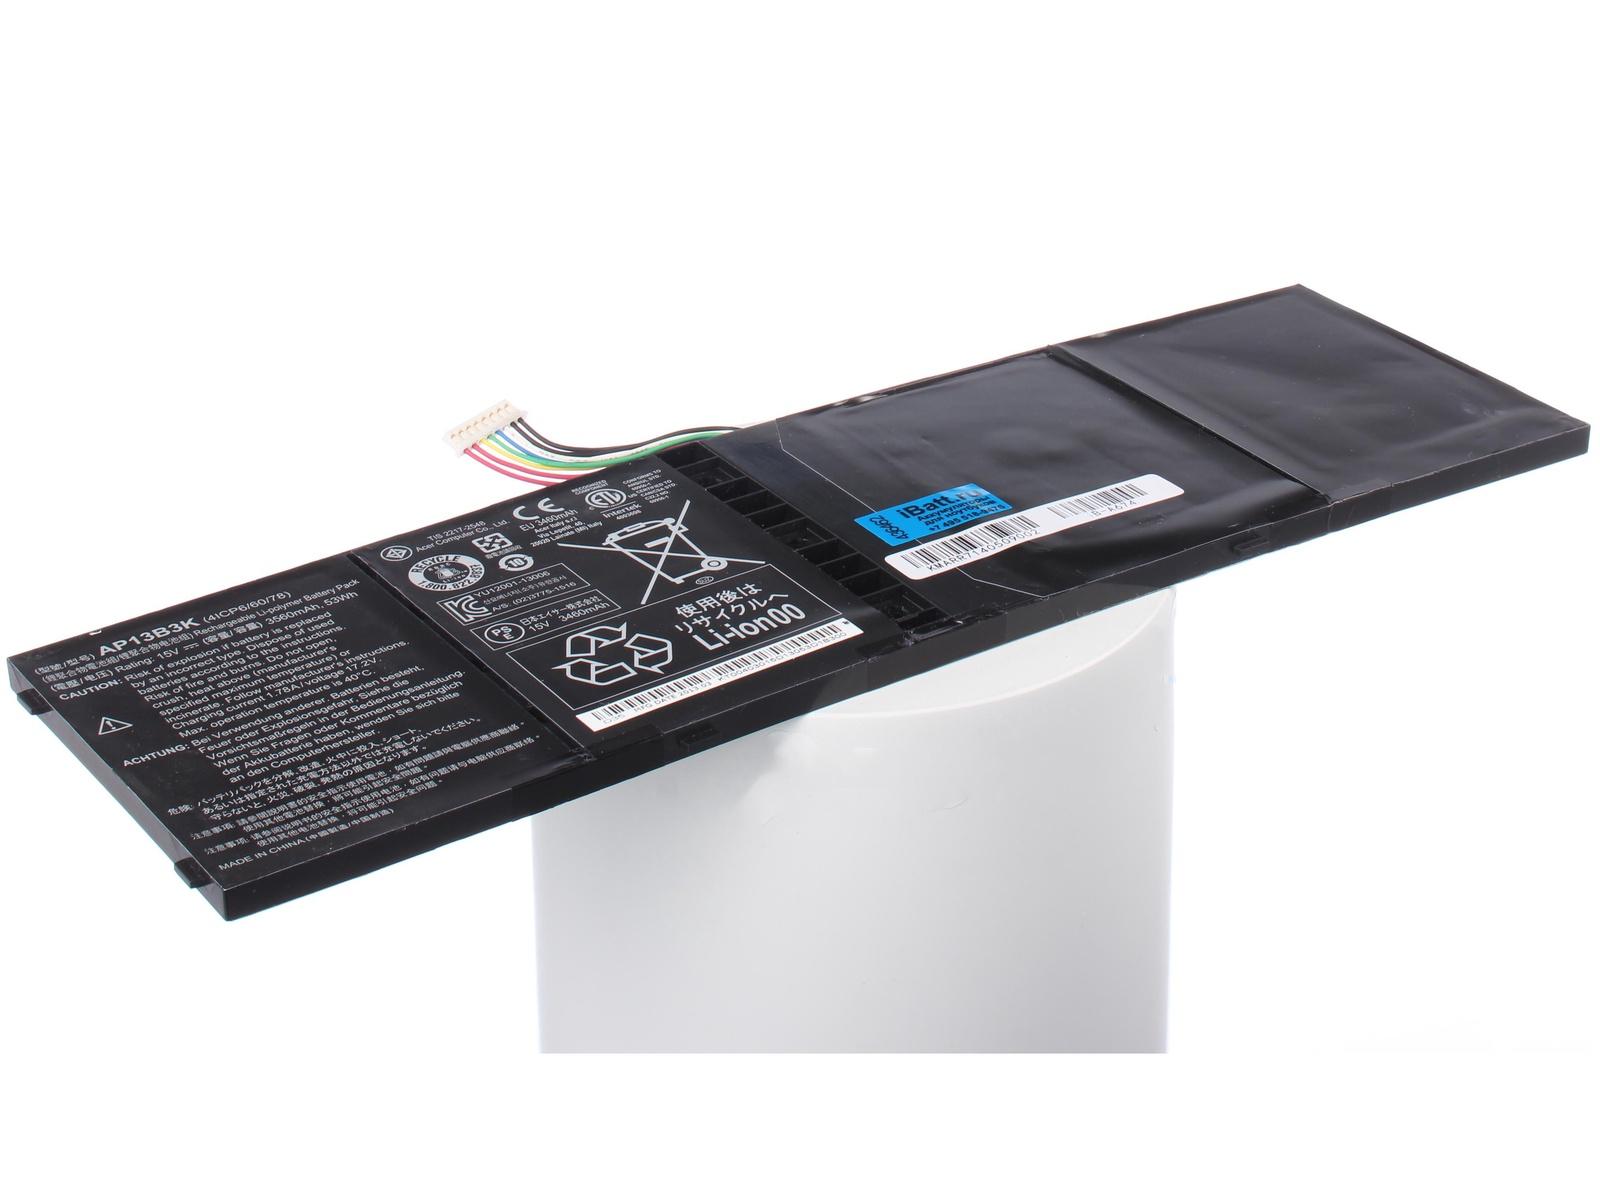 Аккумулятор для ноутбука iBatt для Acer Aspire V7-582PG-54206G52tkk, Aspire V5-552G-65358G1Taii, Aspire V5-573G-74508G1Takk, Aspire V5-573PG-54208G1Taii, Aspire V7-581G, Aspire V5-552G-10578G1Ta, Aspire V5-572G-53338G50aii зебра зебра сноубутсы синие